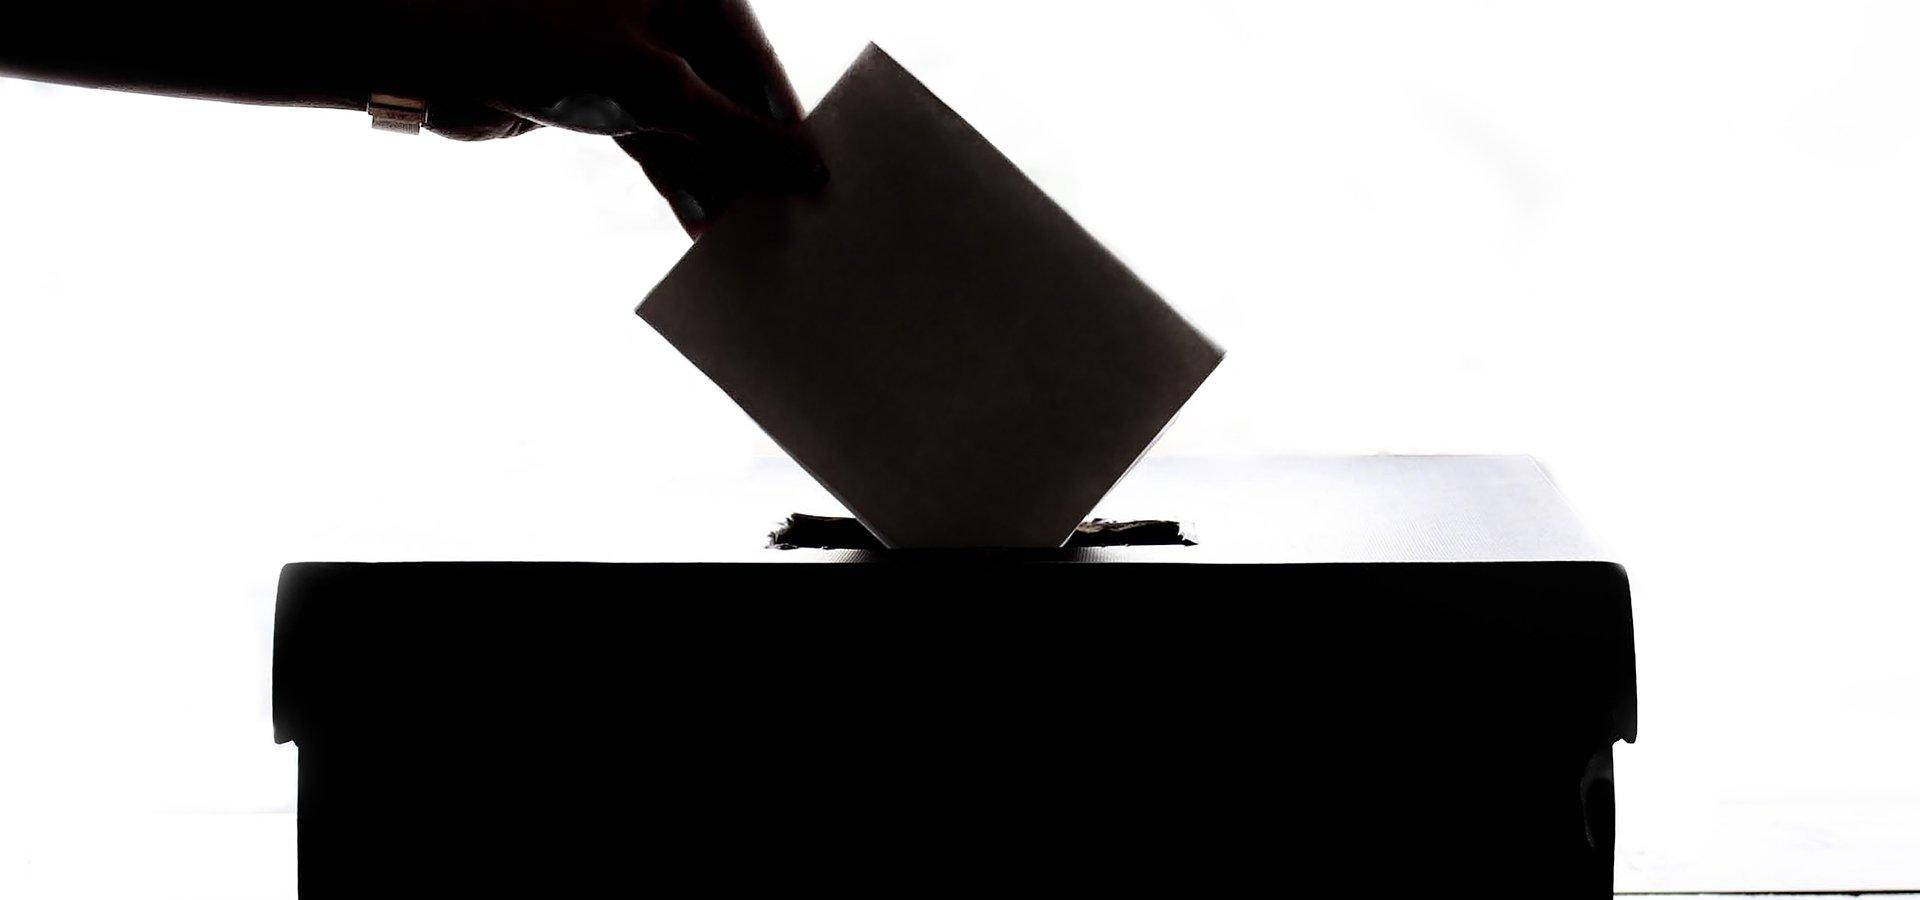 Dlaczego warto głosować w tych wyborach?